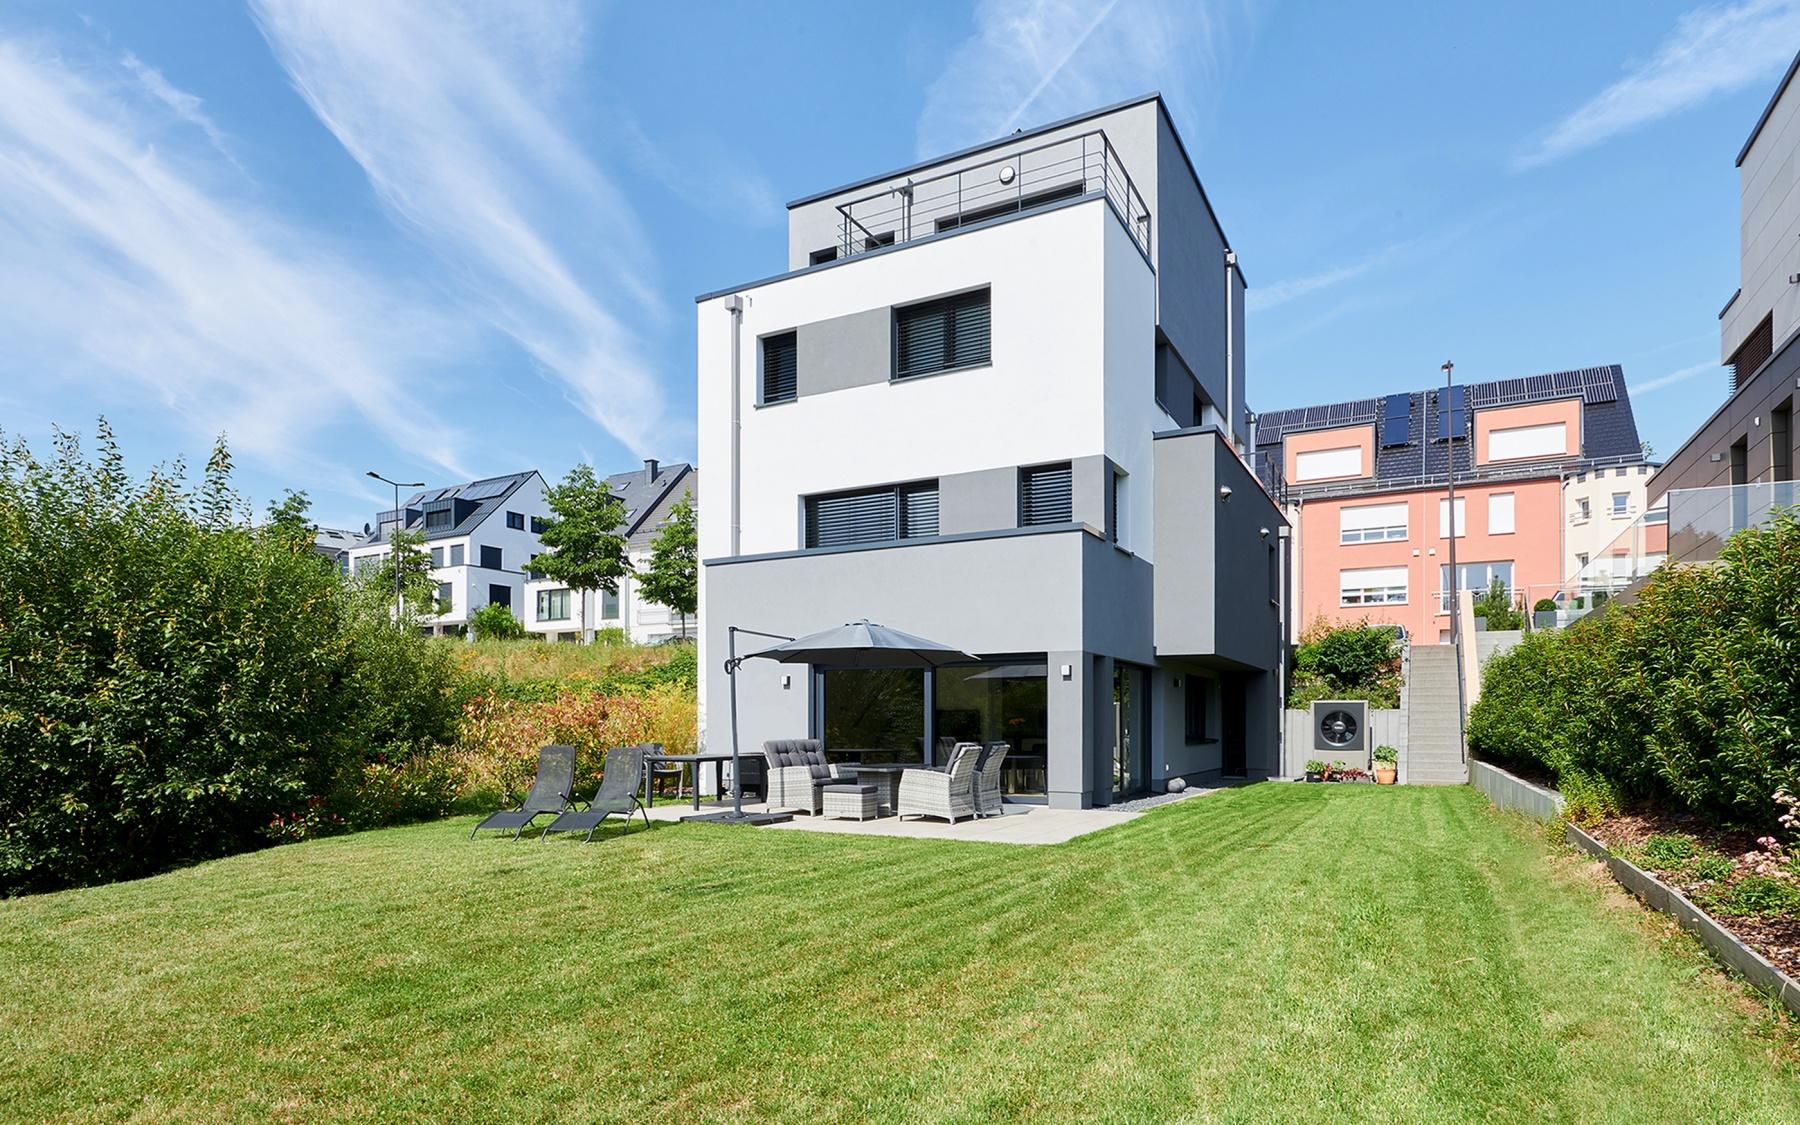 Maison moderne à Luxembourg-Kirchberg